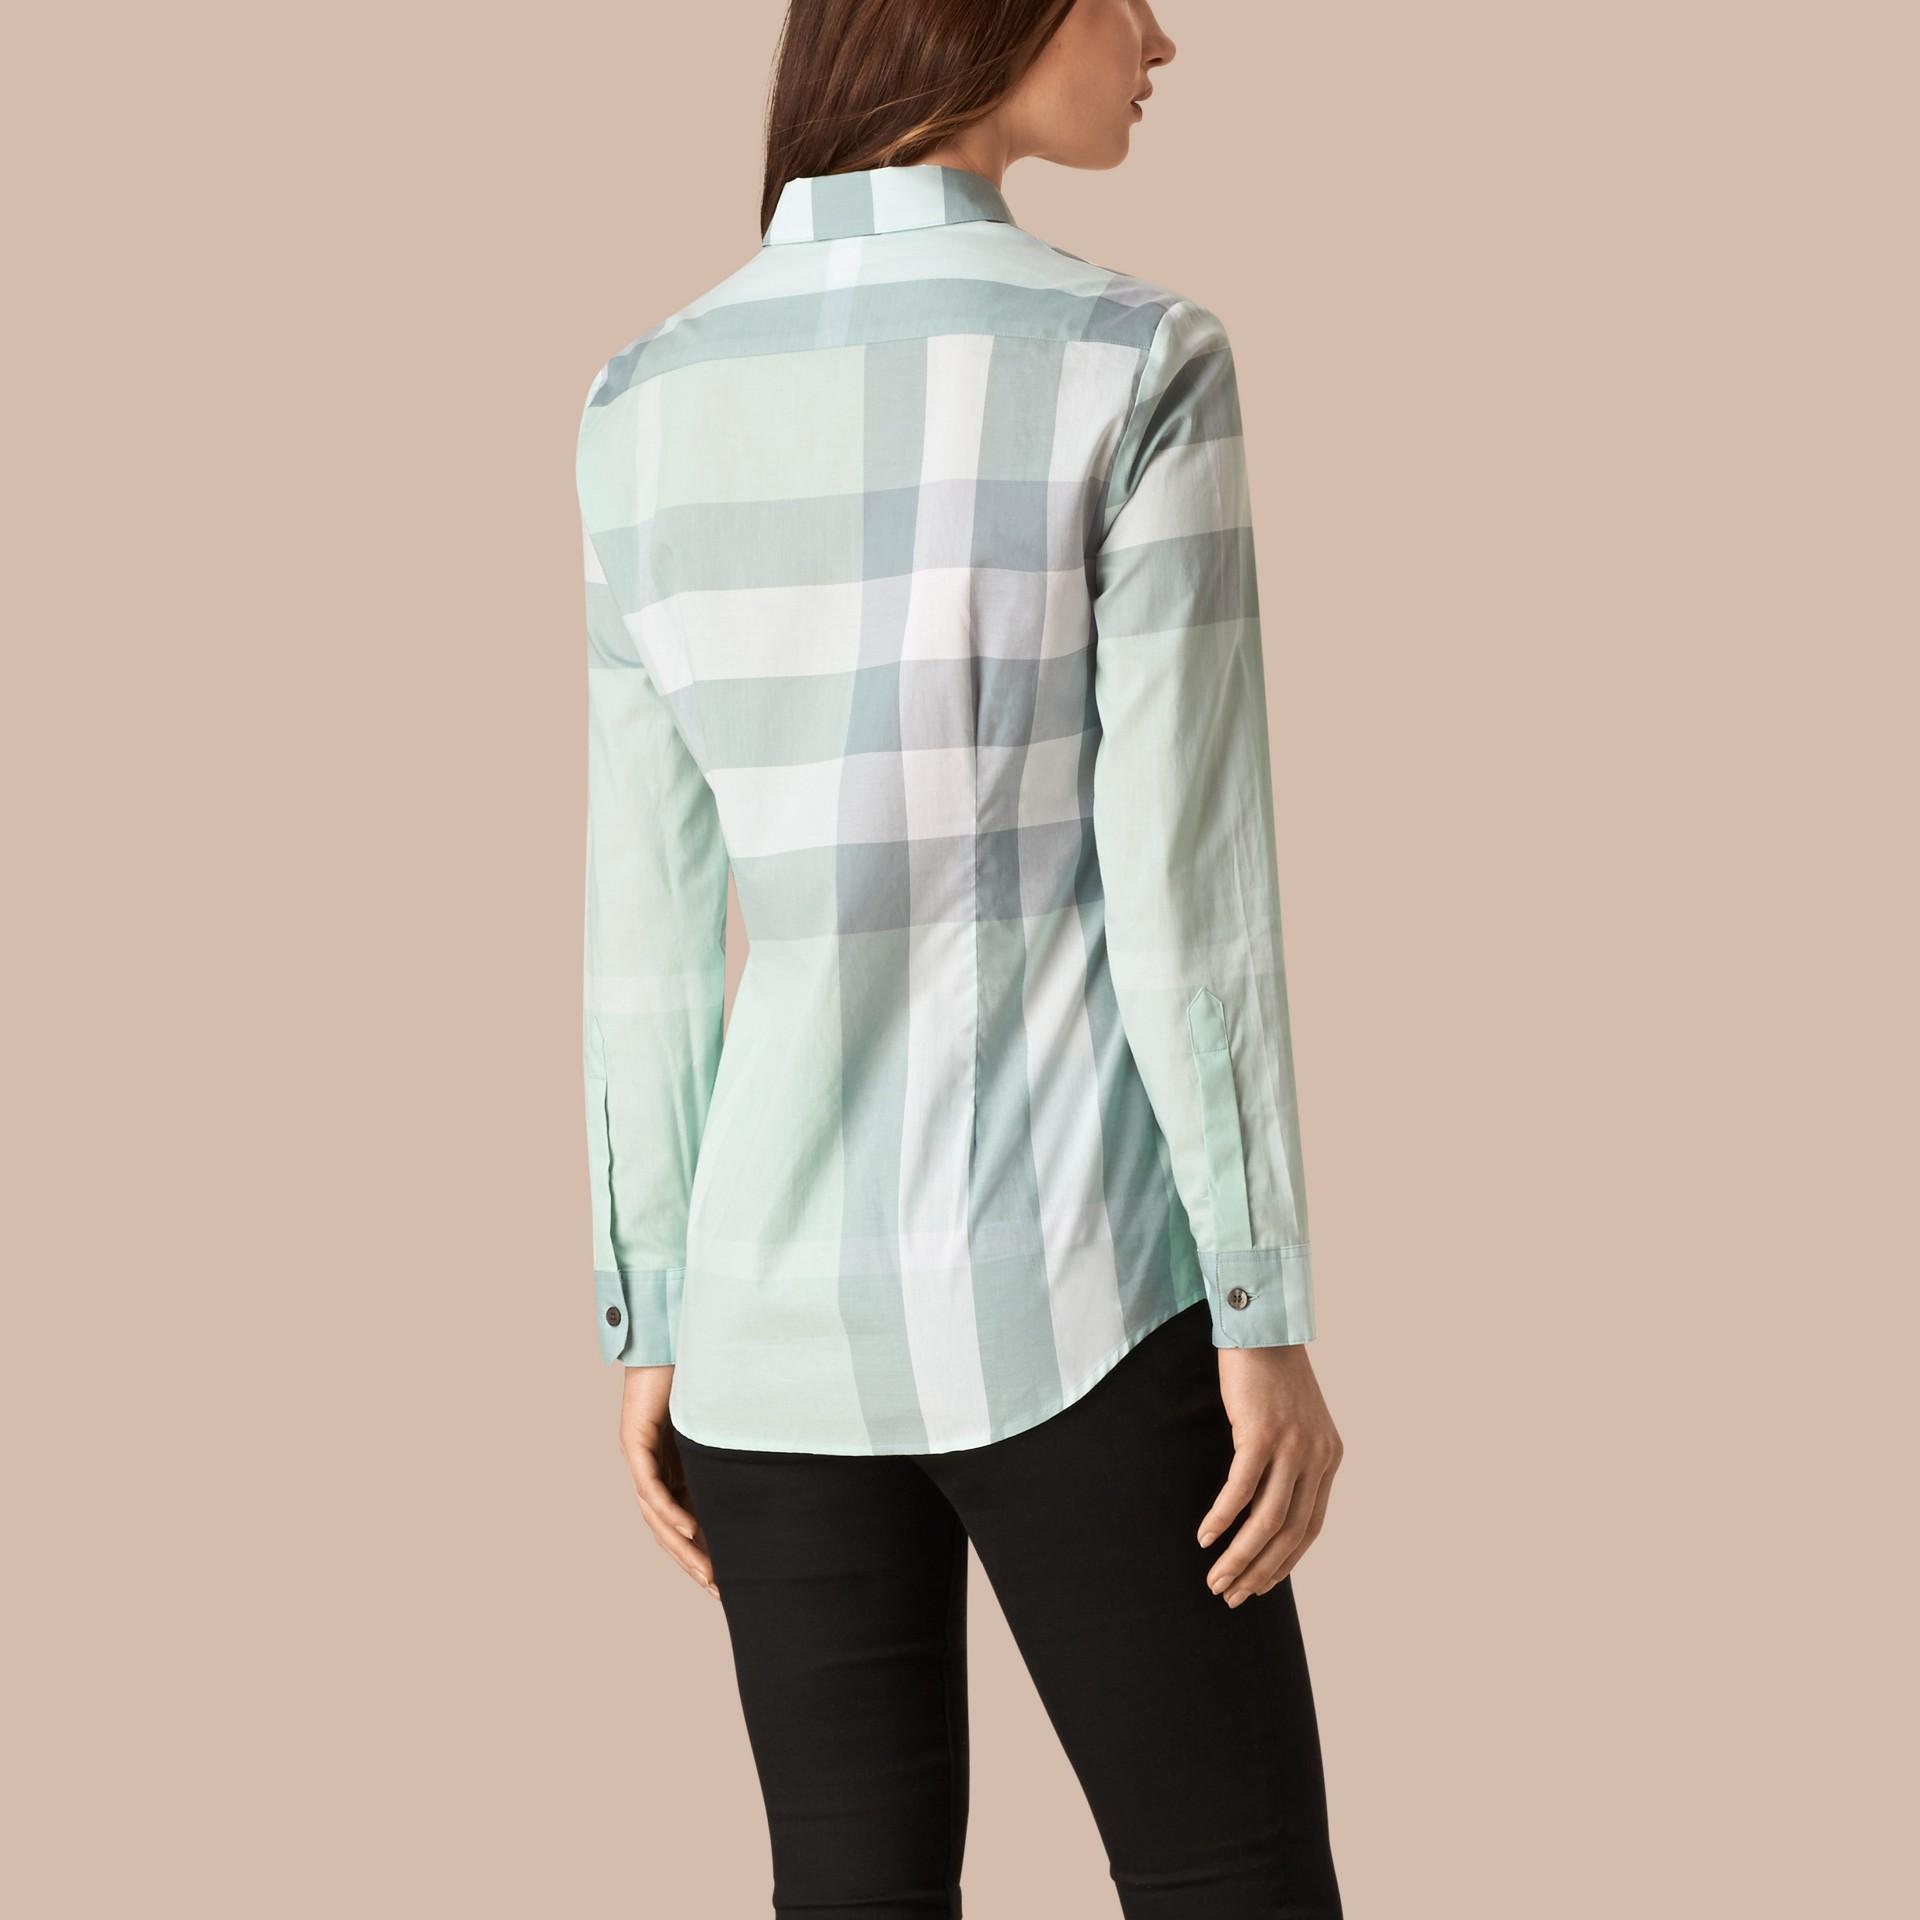 蜜粉藍 格紋棉質襯衫 蜜粉藍 - 圖庫照片 2